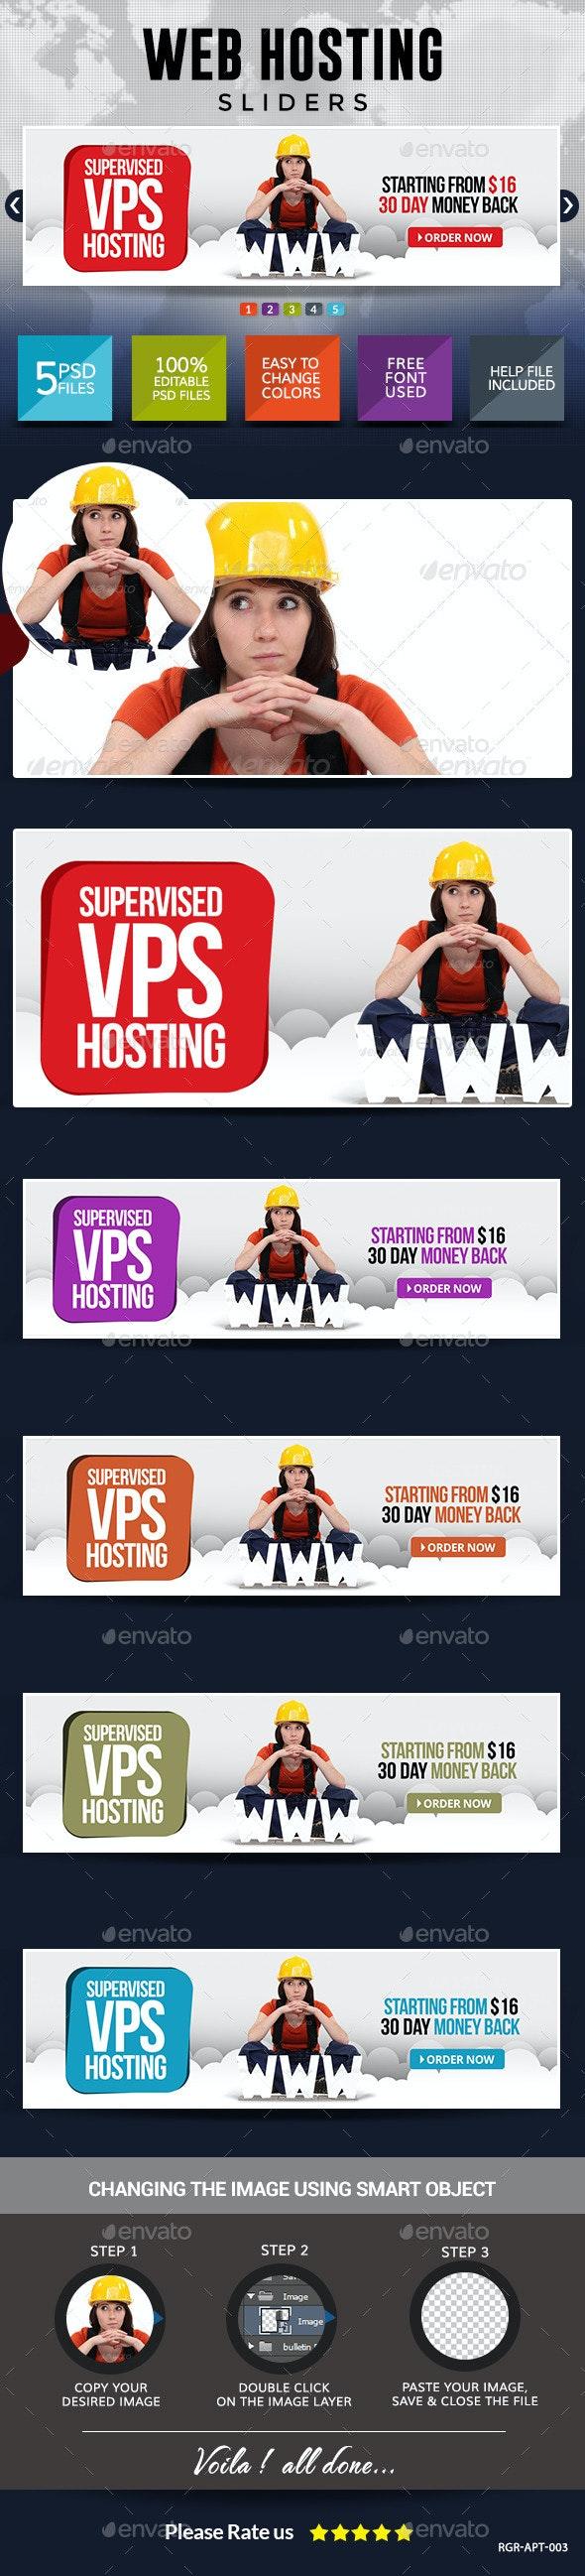 Web Hosting Slider Images - Sliders & Features Web Elements